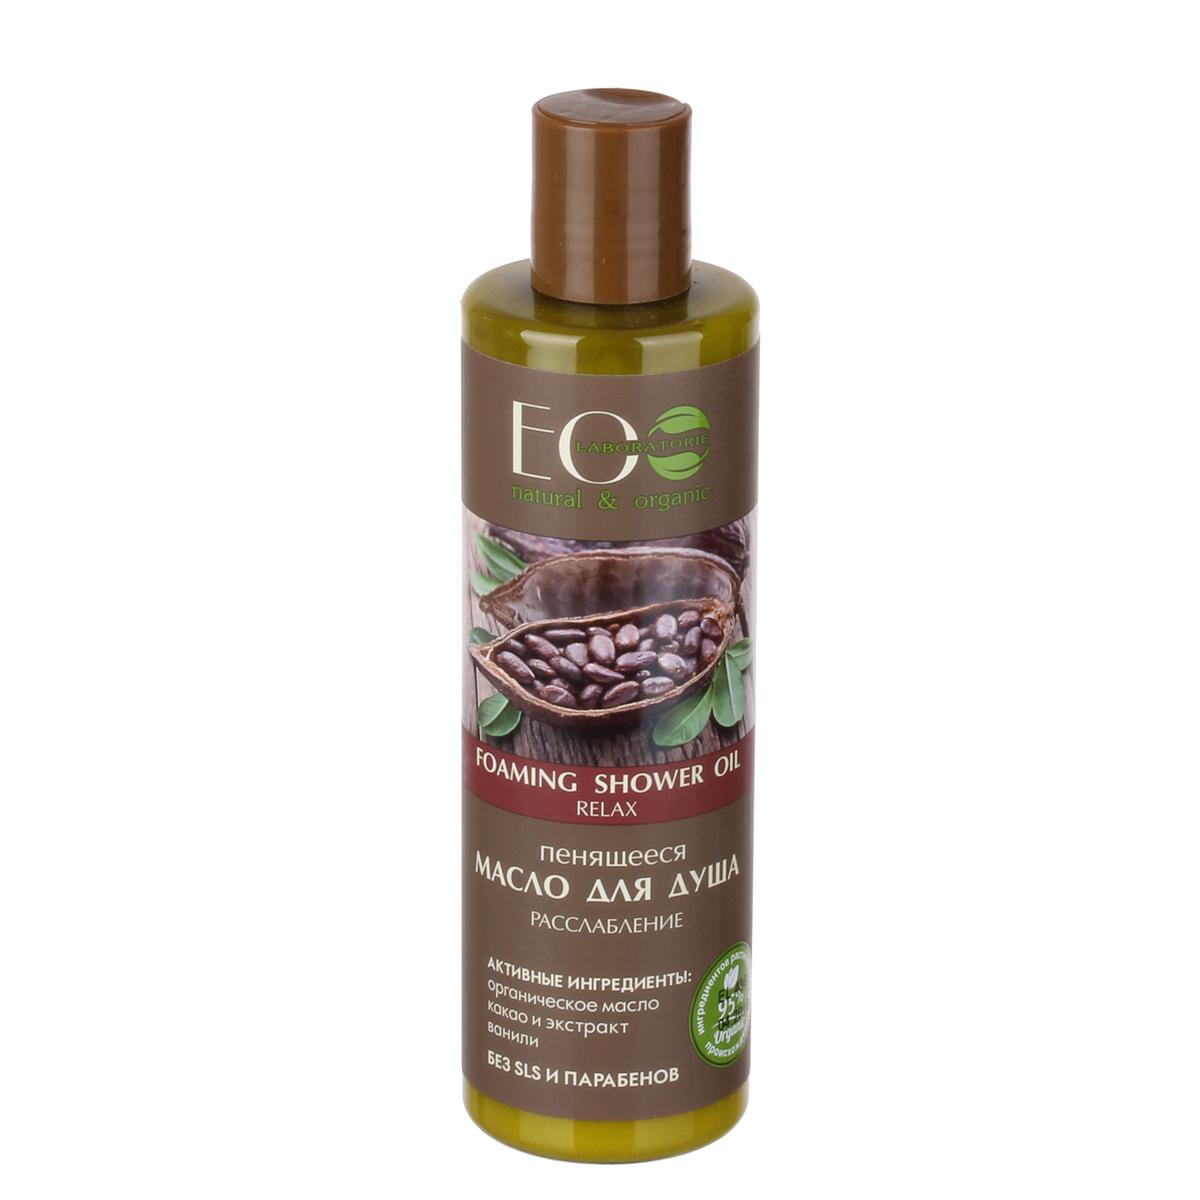 EO laboratorie Масло пенящееся для душа Расслабление 250 мл4627089430755Глубоко очищает, интенсивно питает кожу, способствует снятию напряжения. Повышает эластичность, мягкость кожи, способствует расслаблению. Рекомендуется для релакс-процедур.Активные ингредиенты: масло какао и экстракт ванили